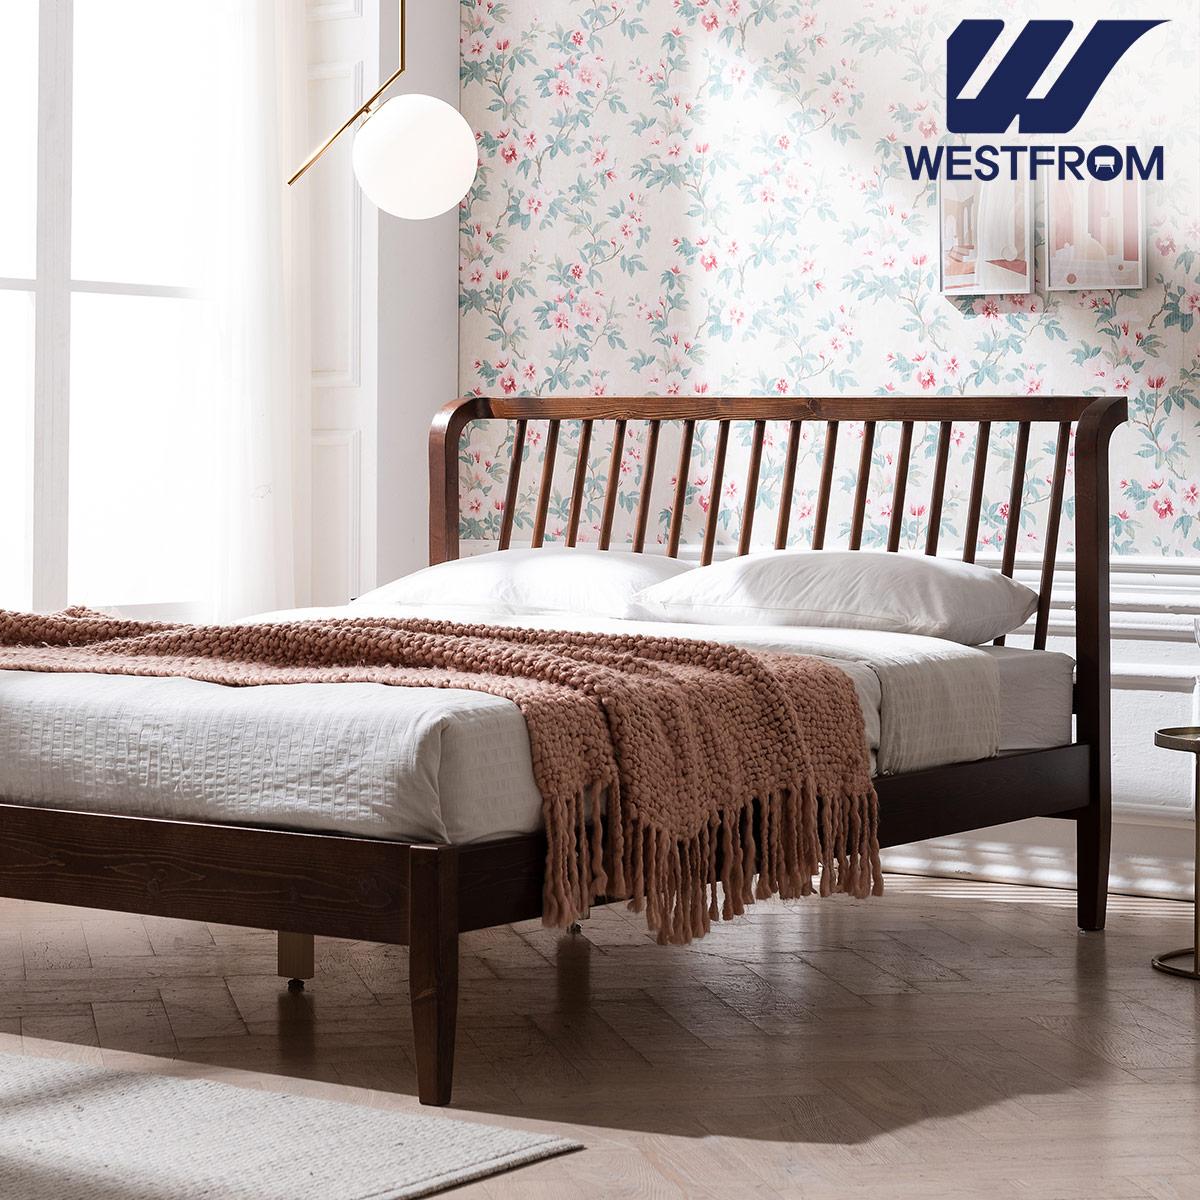 [웨스트프롬] 모던 NEW잉그리드) 원목 평상형 침대(퀸) / F11 QUEEN 매트리스